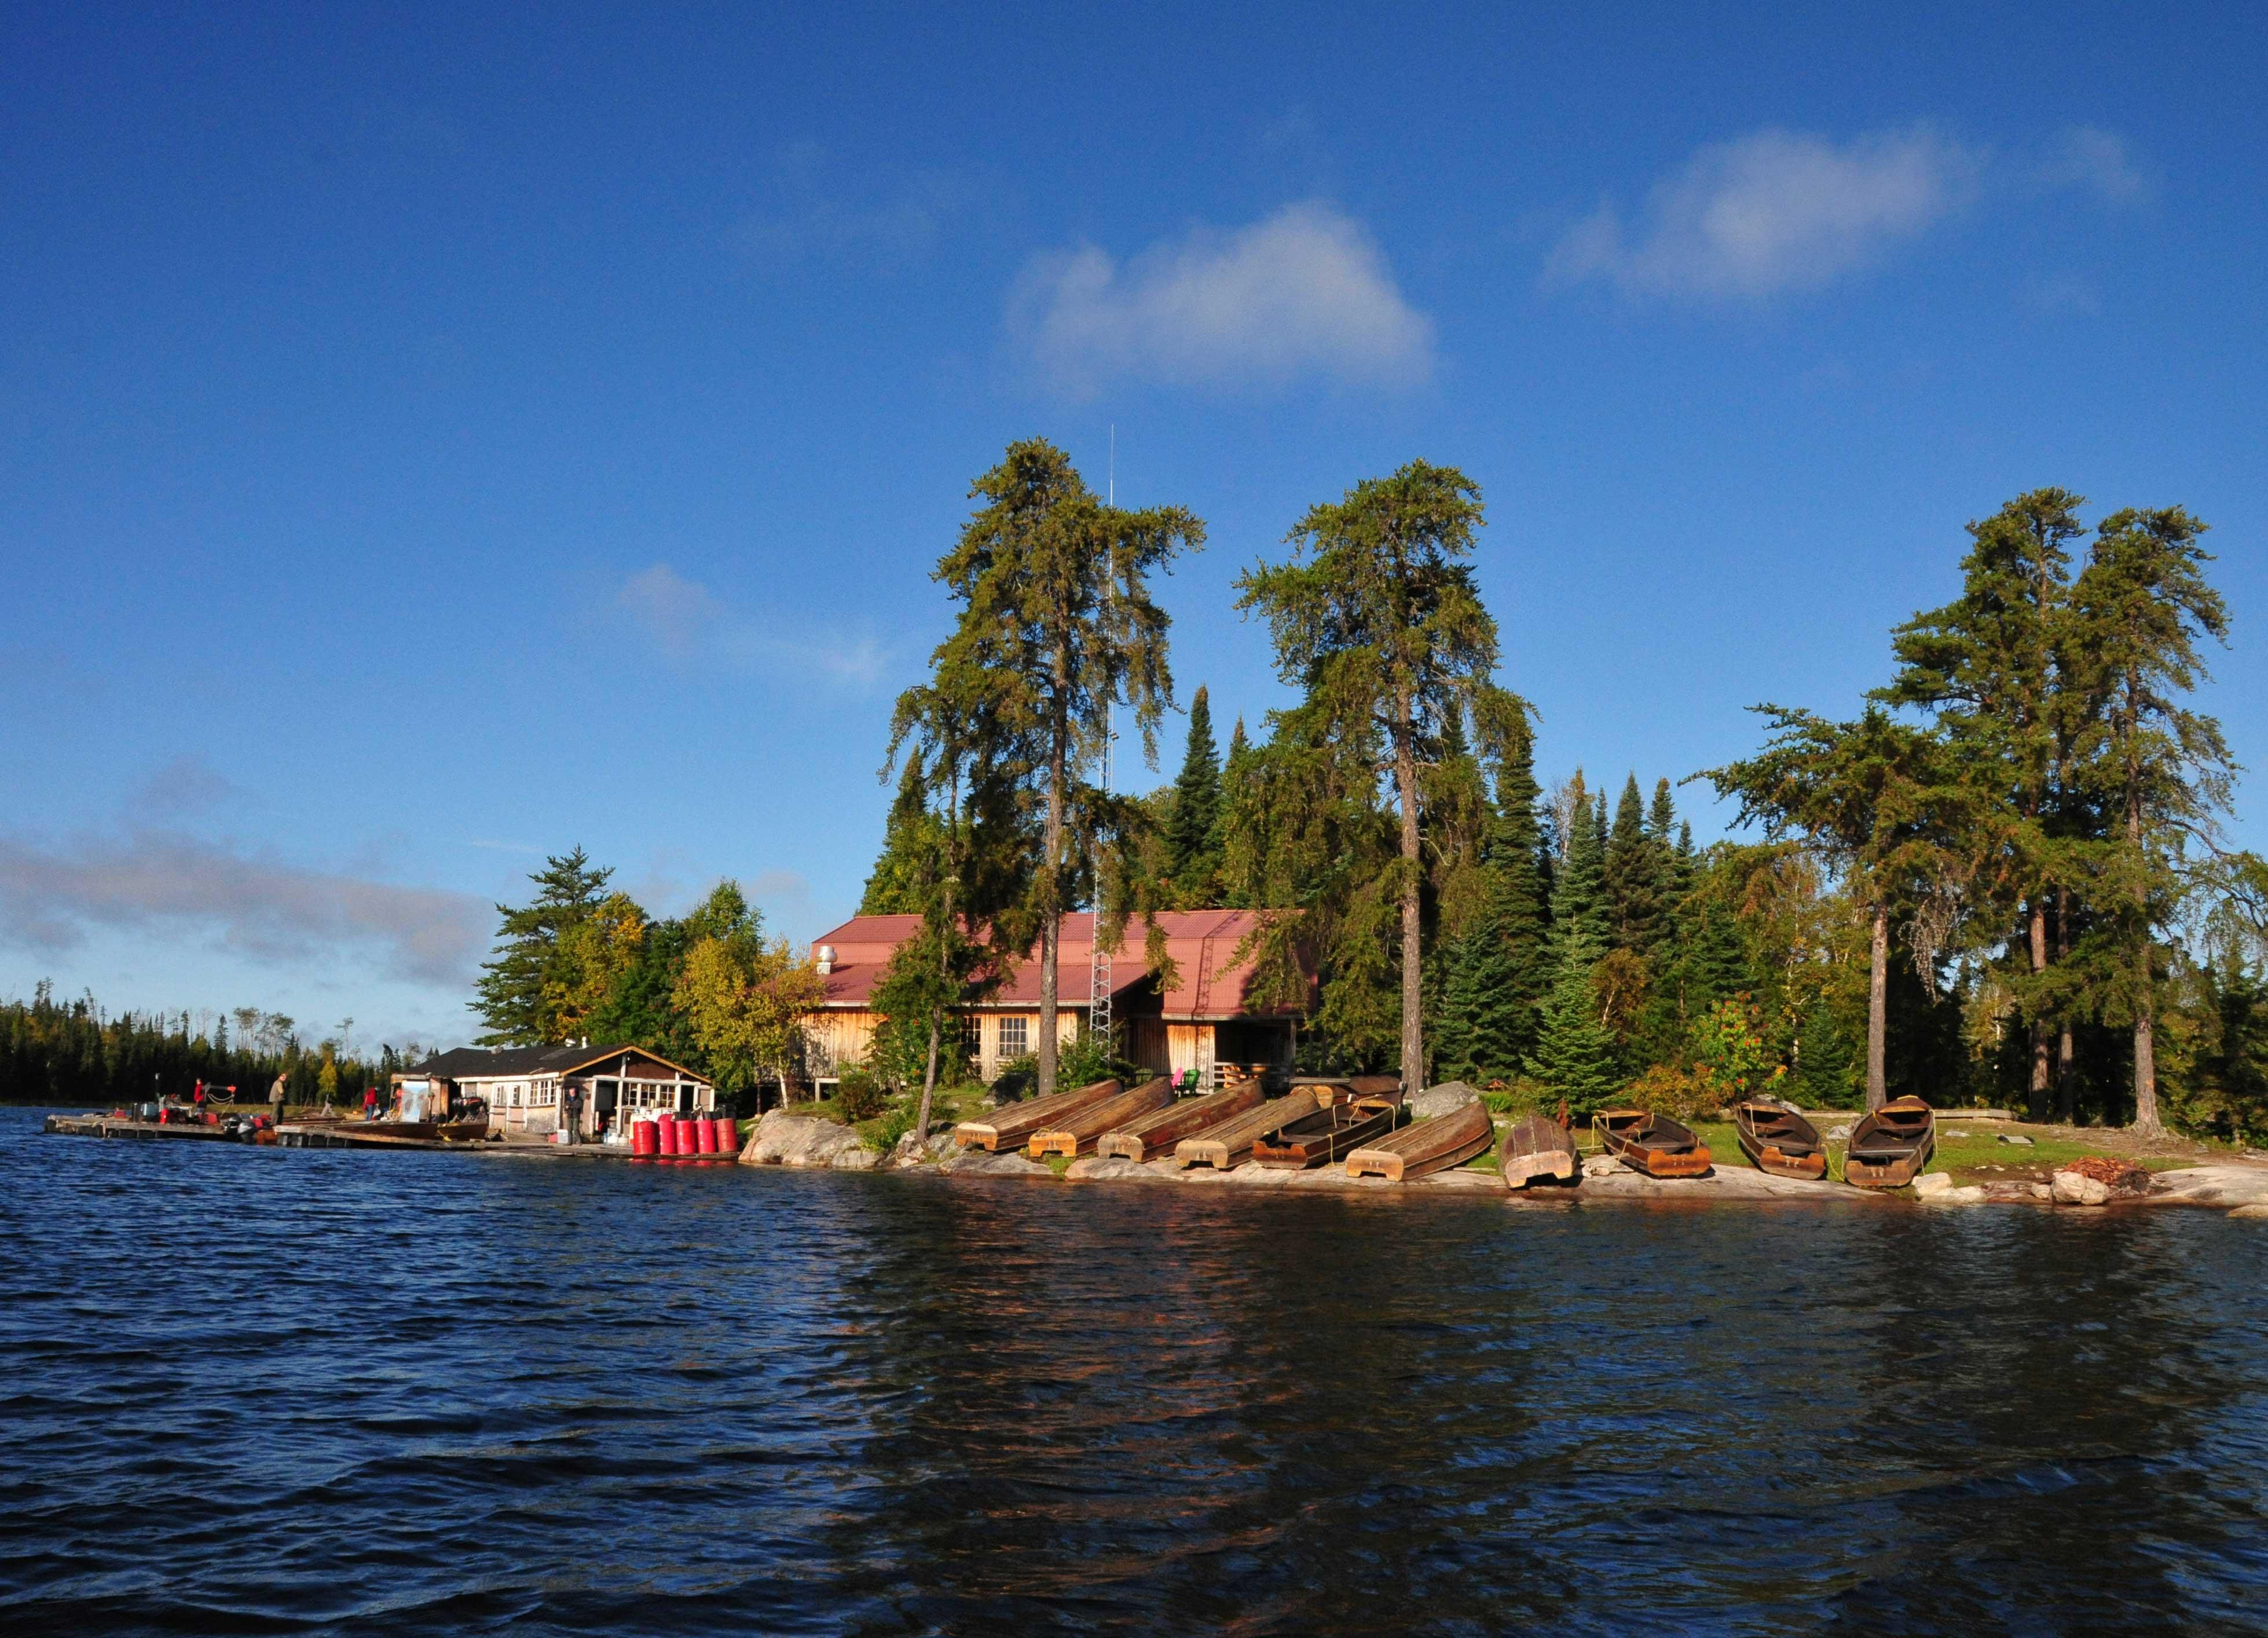 Lodge mit Booten